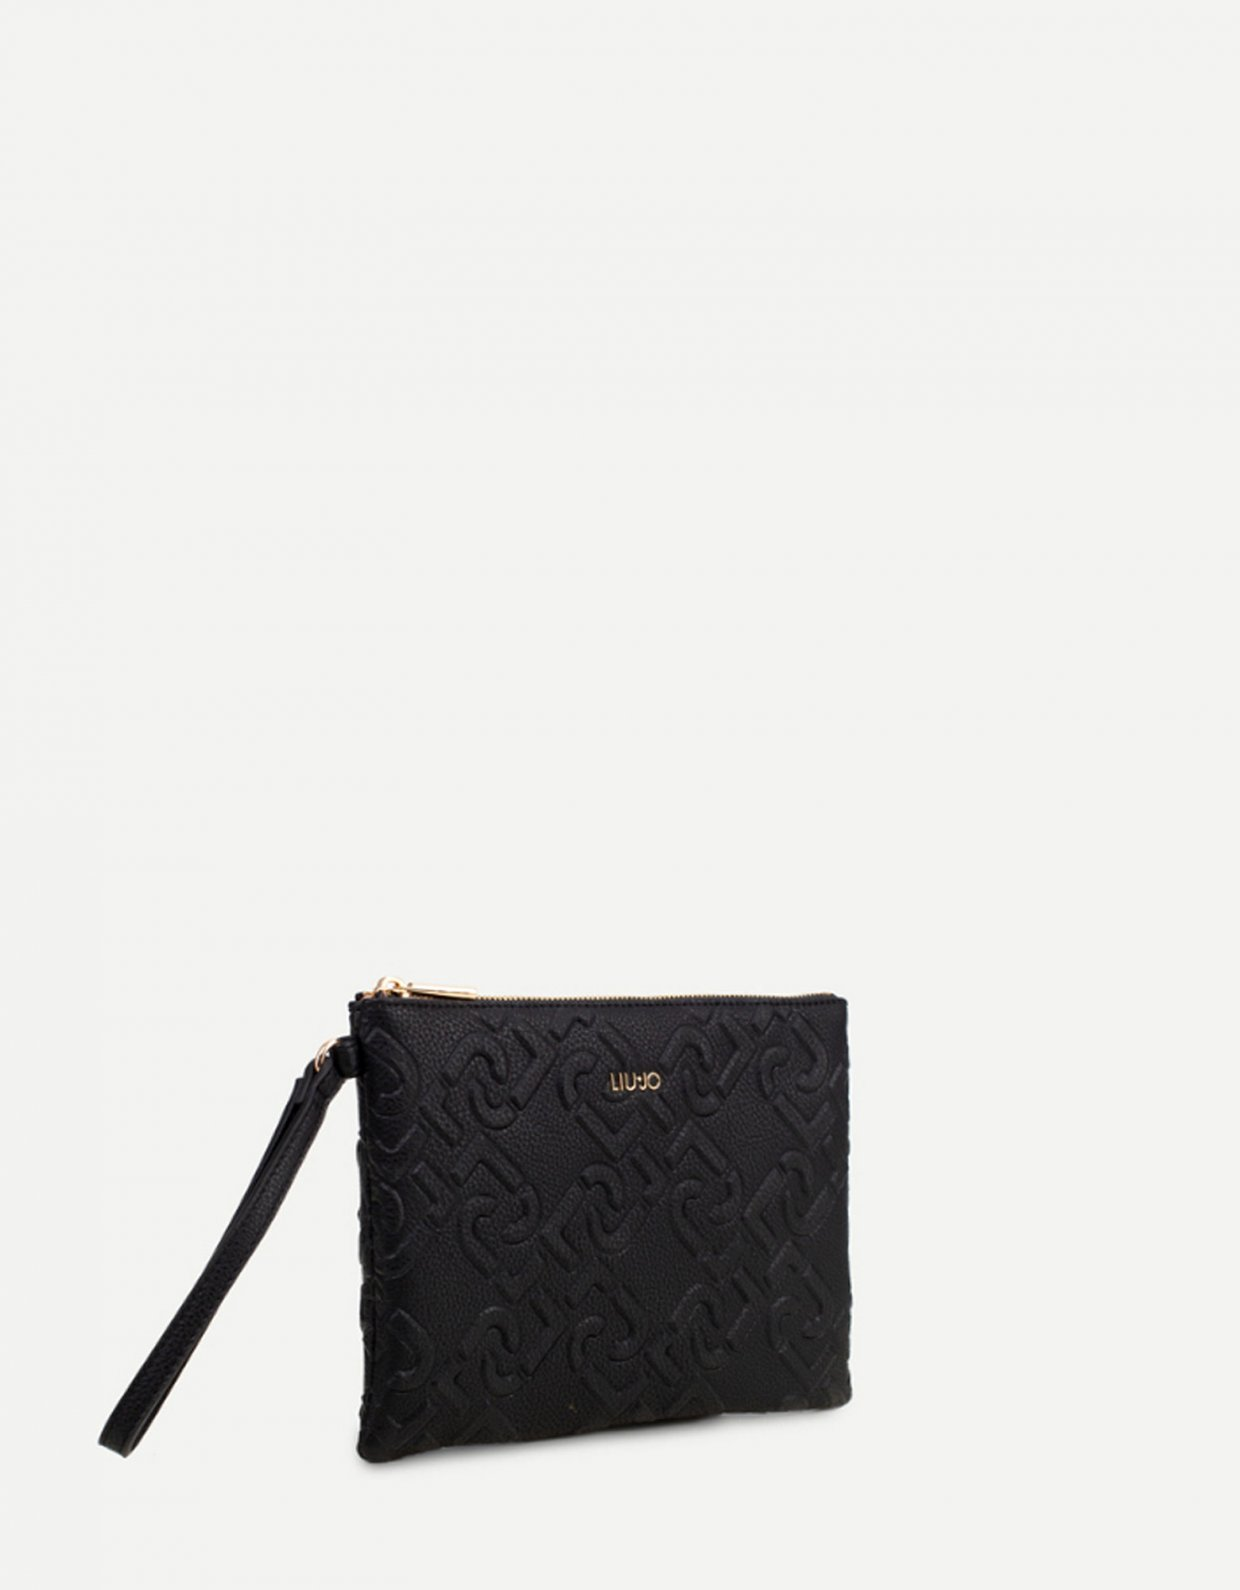 Liu Jo Clutch bag with logo black